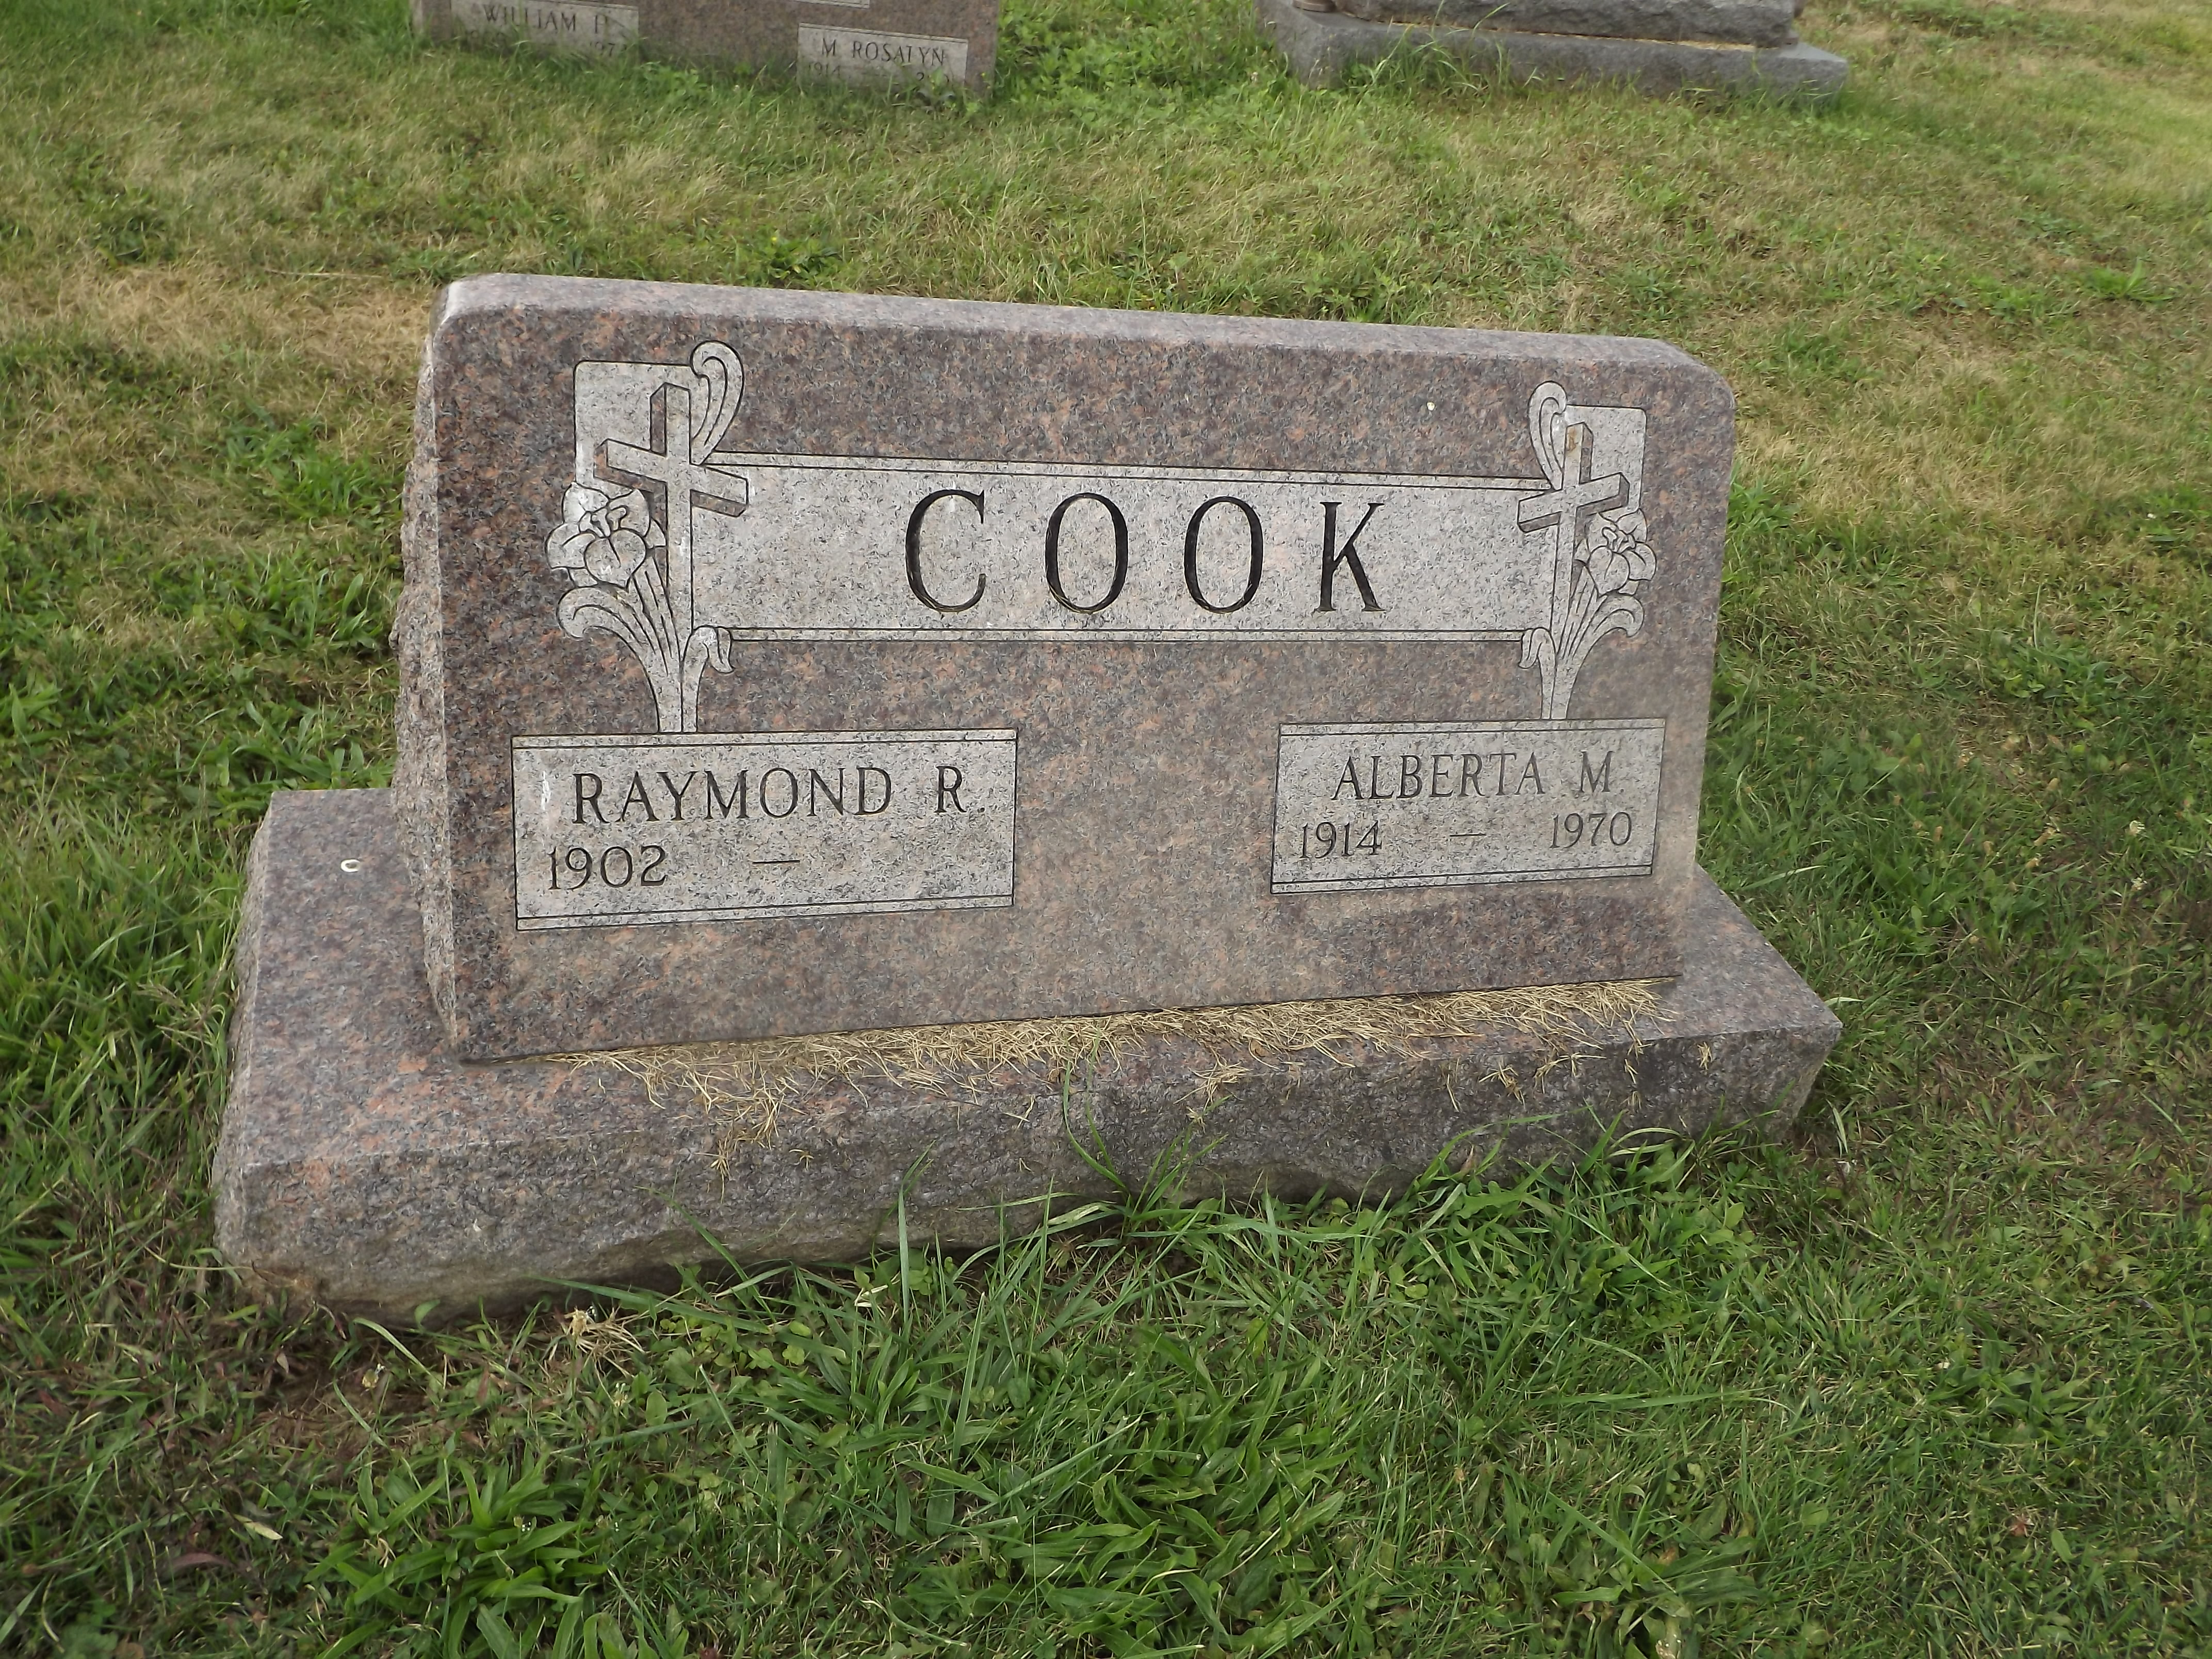 Alberta M Cook